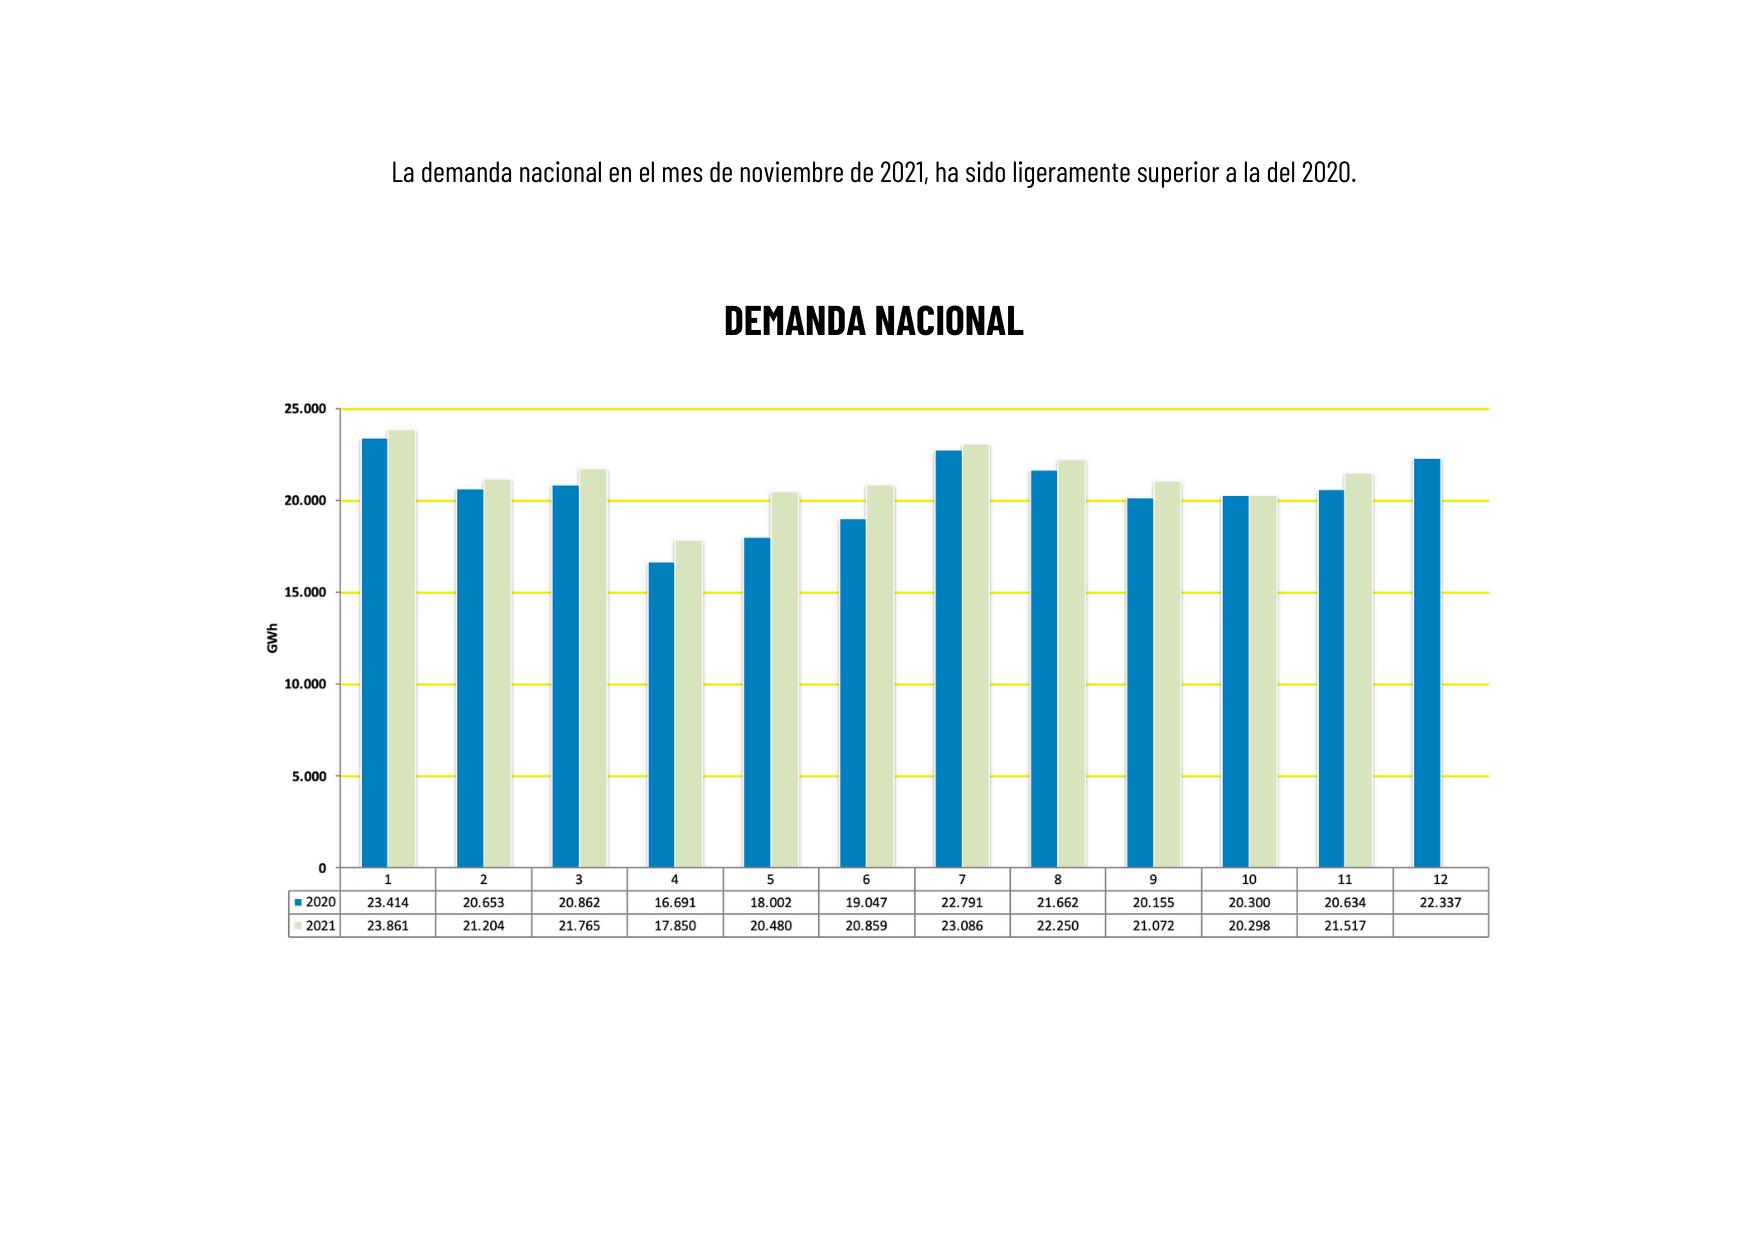 gráfica sobre la evolución de la demanda nacional